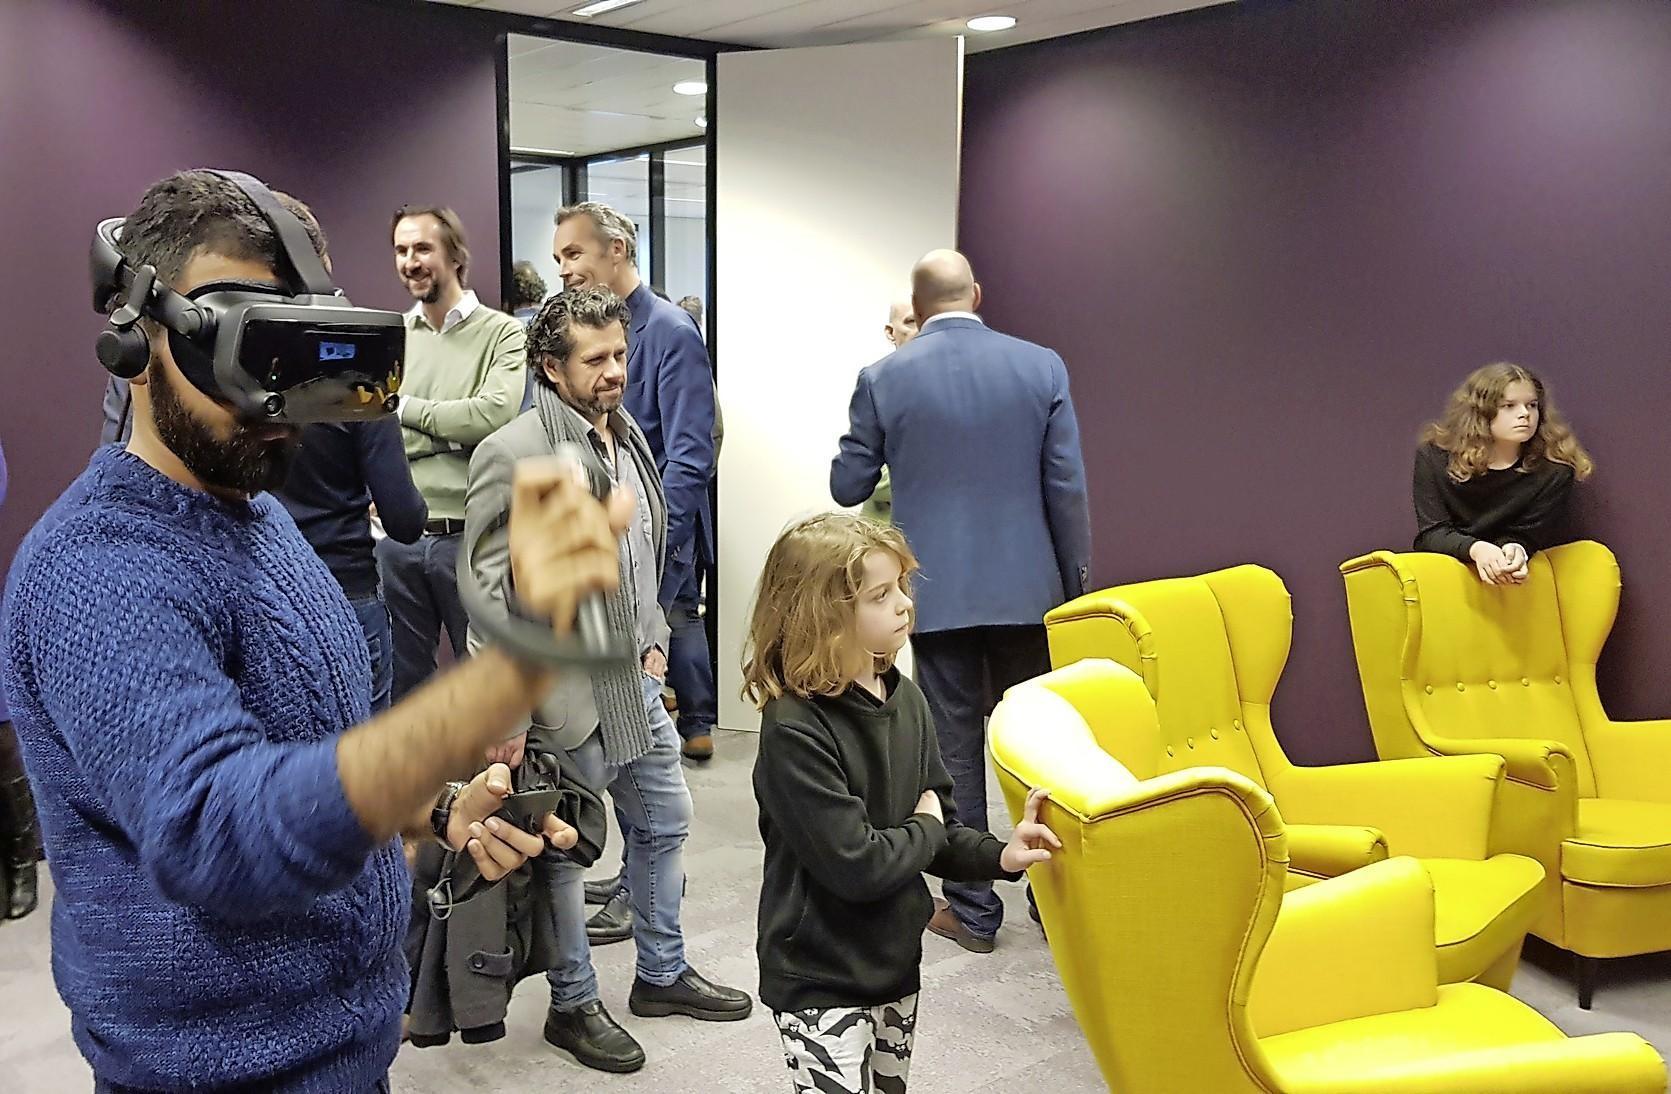 Nieuw laboratorium voor de ruimtevaart in Noordwijk geopend: virtueel sleutelen aan Mars-rover - Leidsch Dagblad